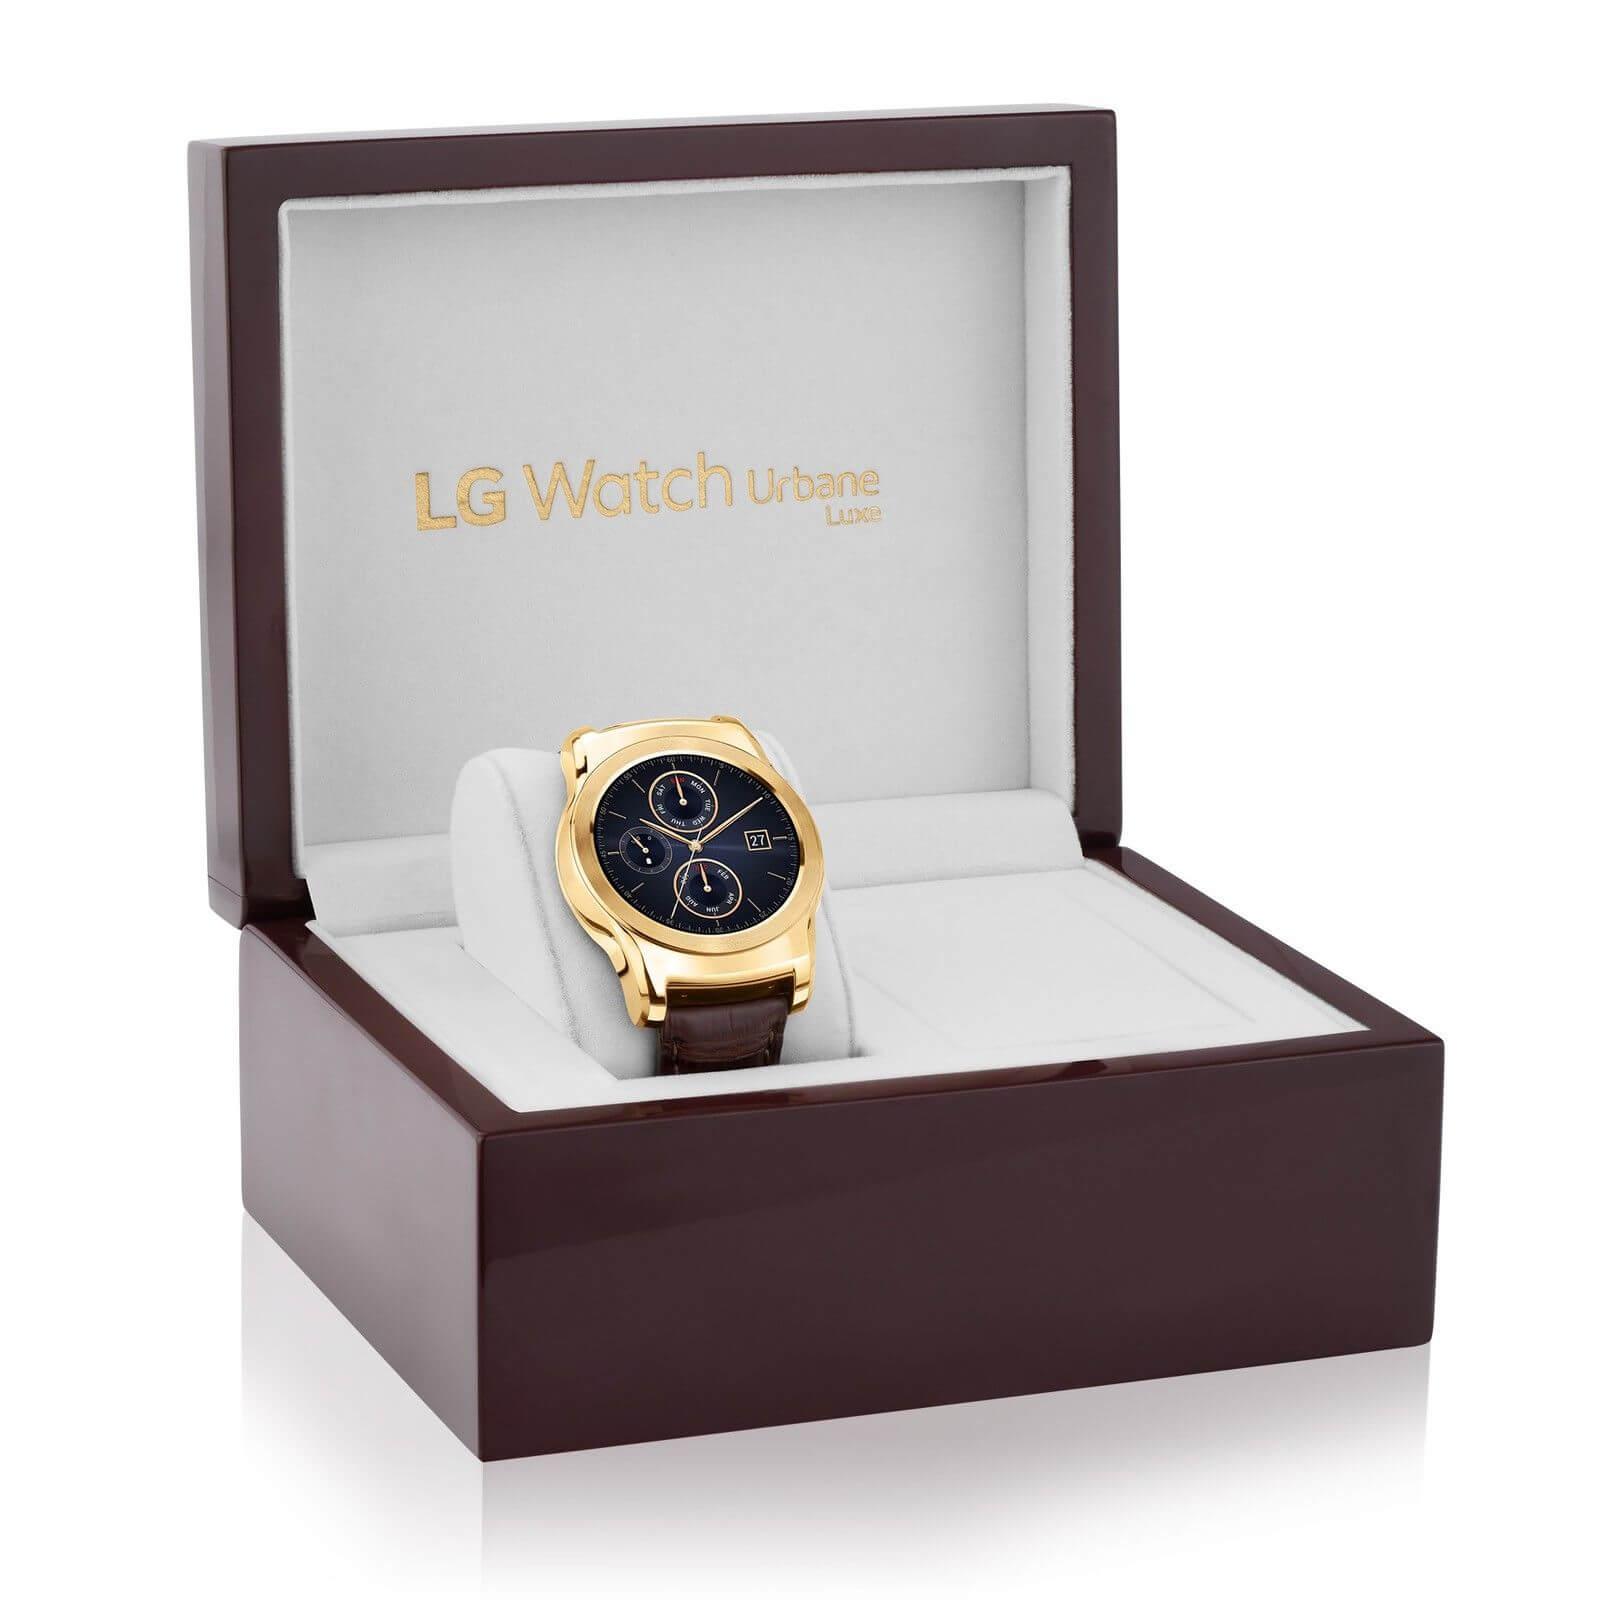 Conheça a nova safra de relógios inteligentes de 2015